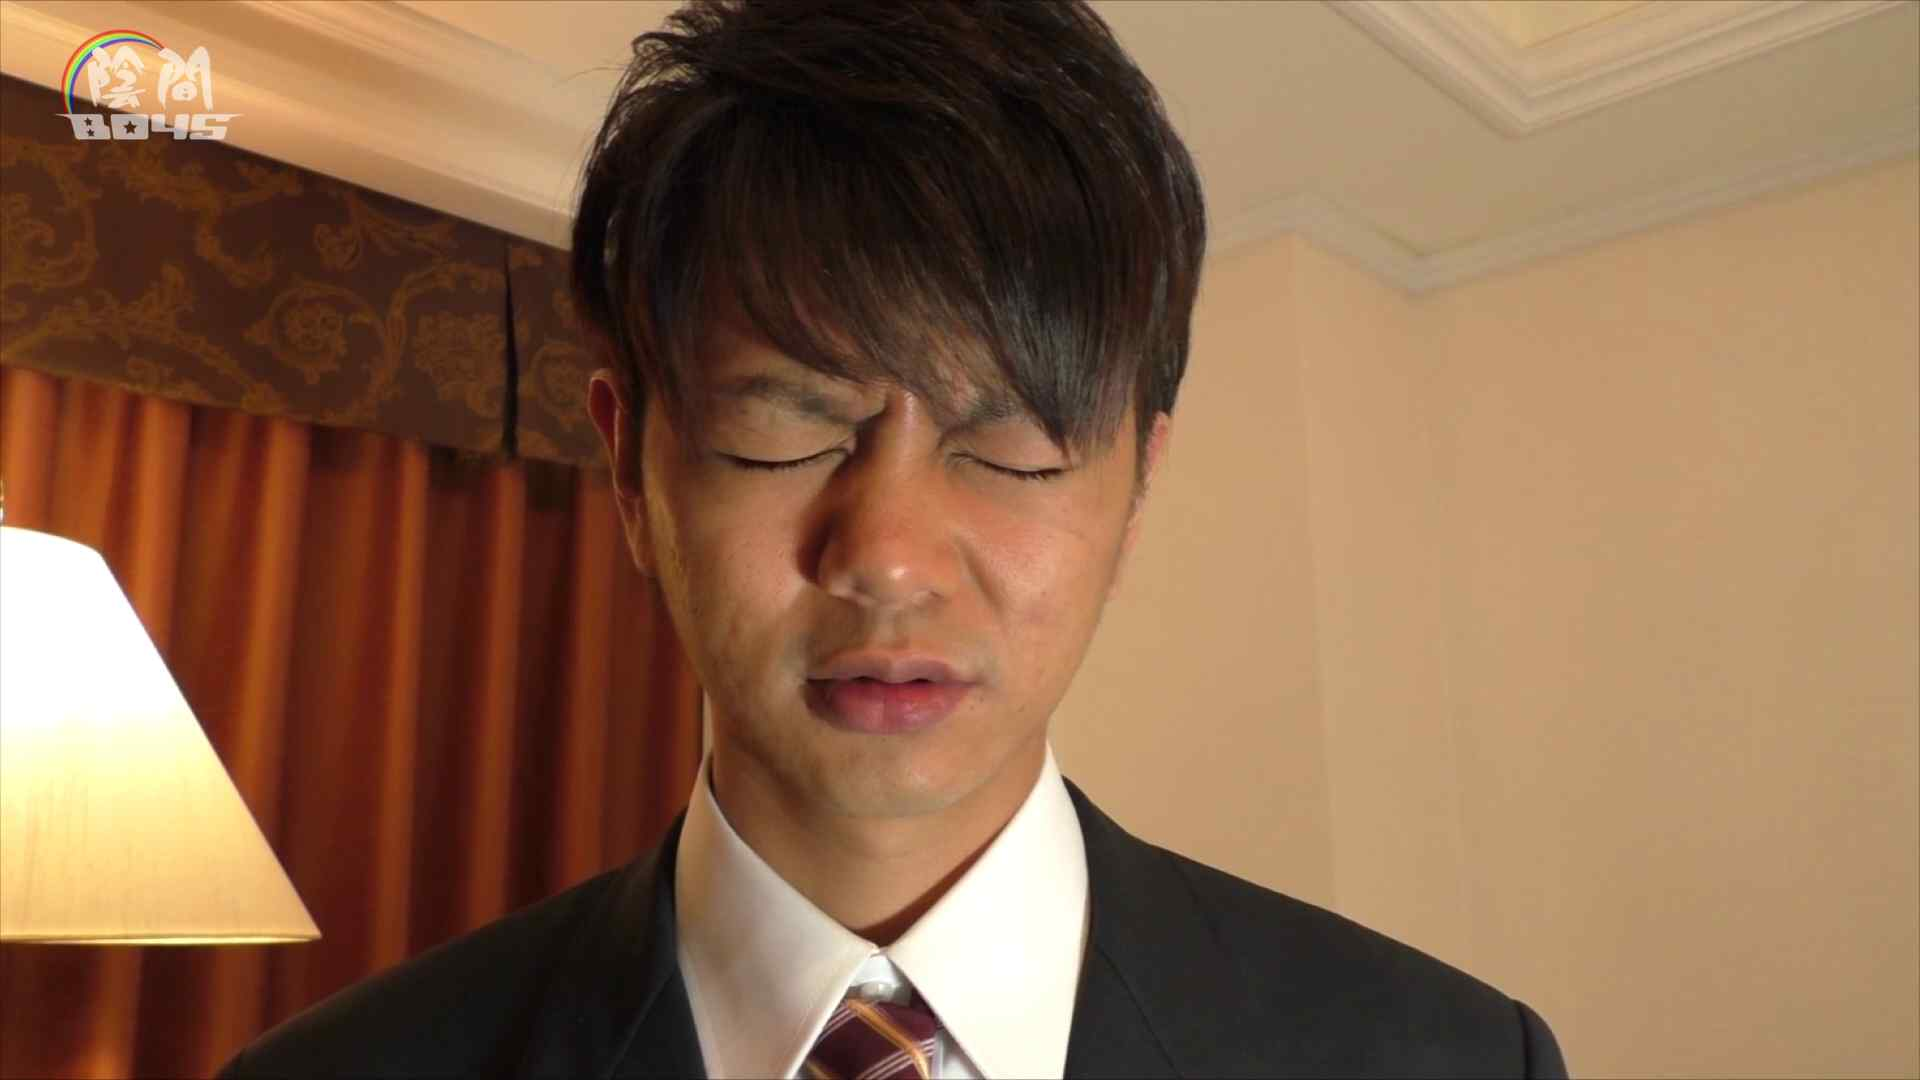 陰間BOYS~キャバクラの仕事はアナルから4 Vol.01 エッチ ゲイエロ動画 108pic 80